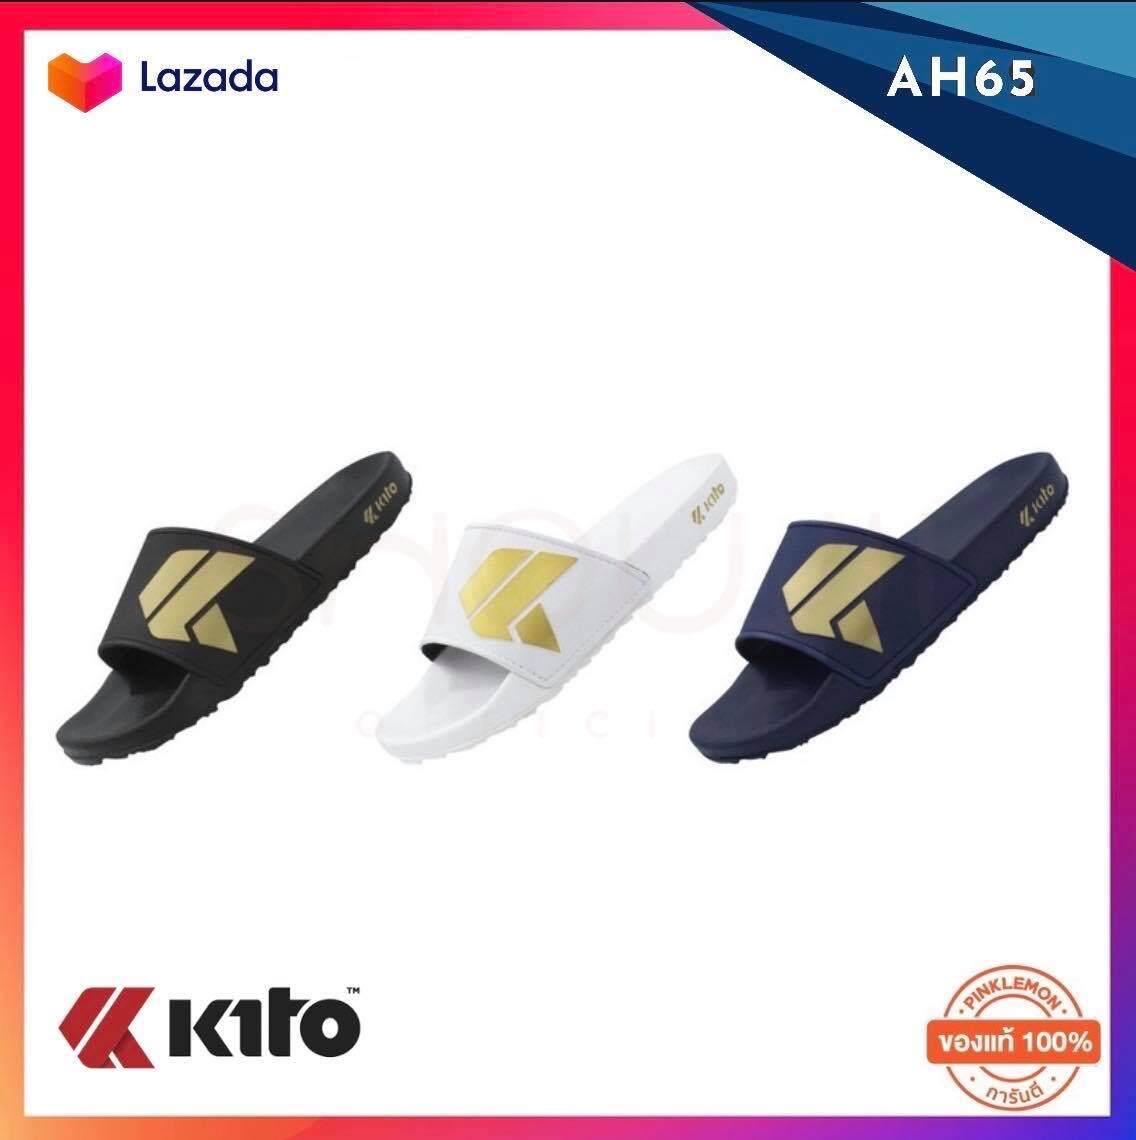 รองเท้าแตะ Kito Dance Gold Series AH65 ใหม่ล่าสุด